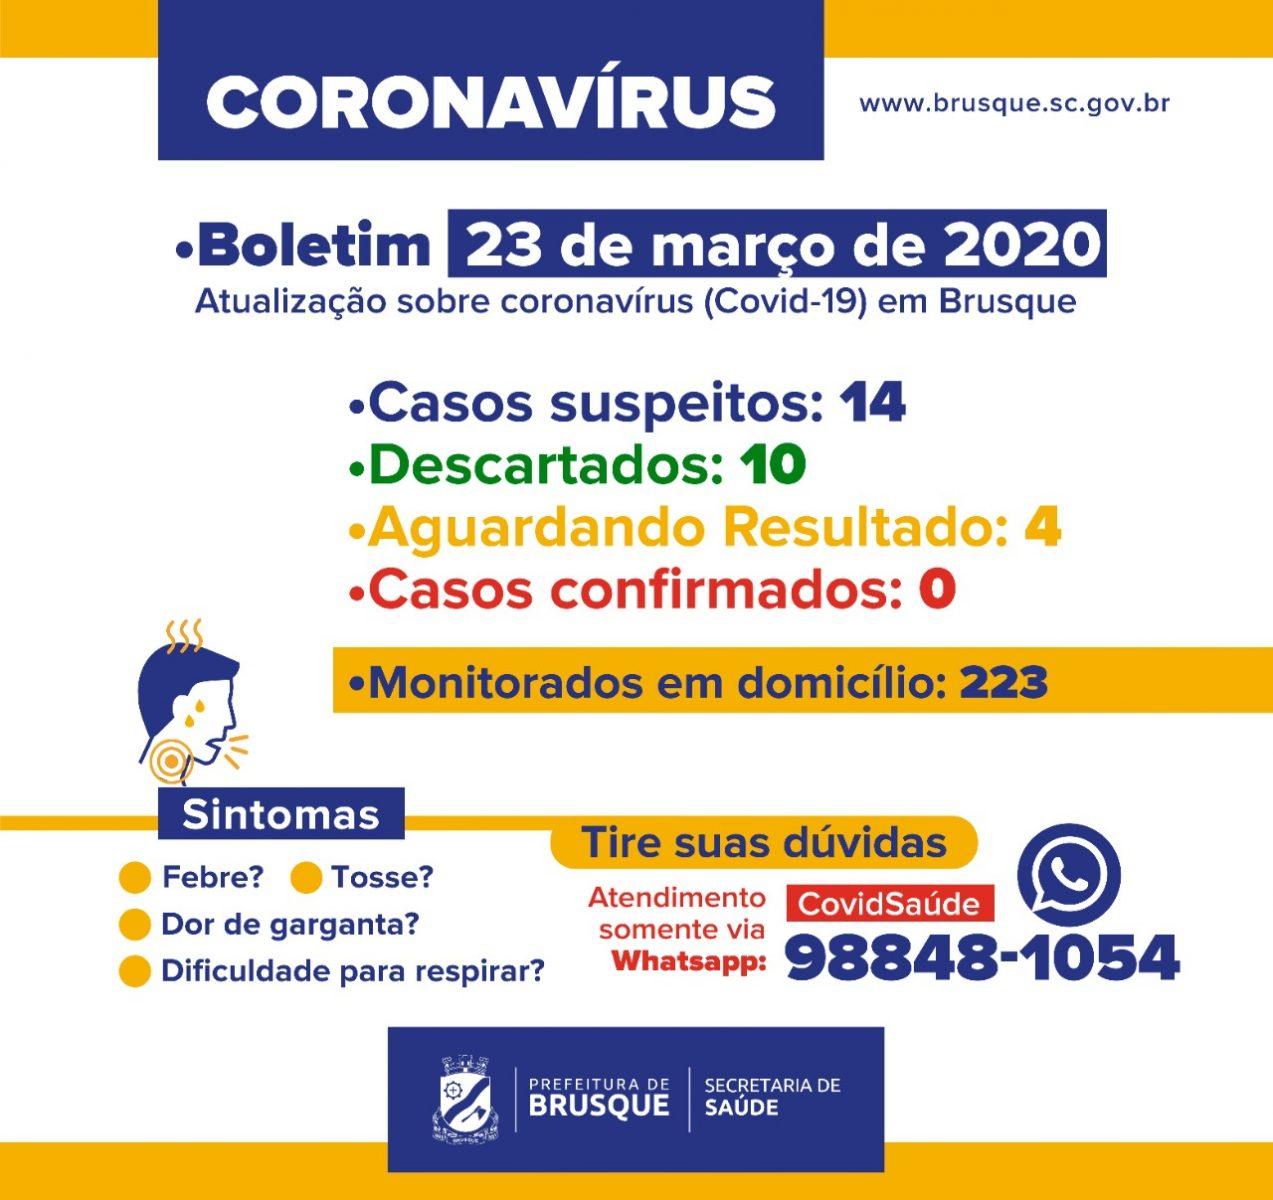 Prefeitura de Brusque divulga novo boletim epidemiológico (23/03)